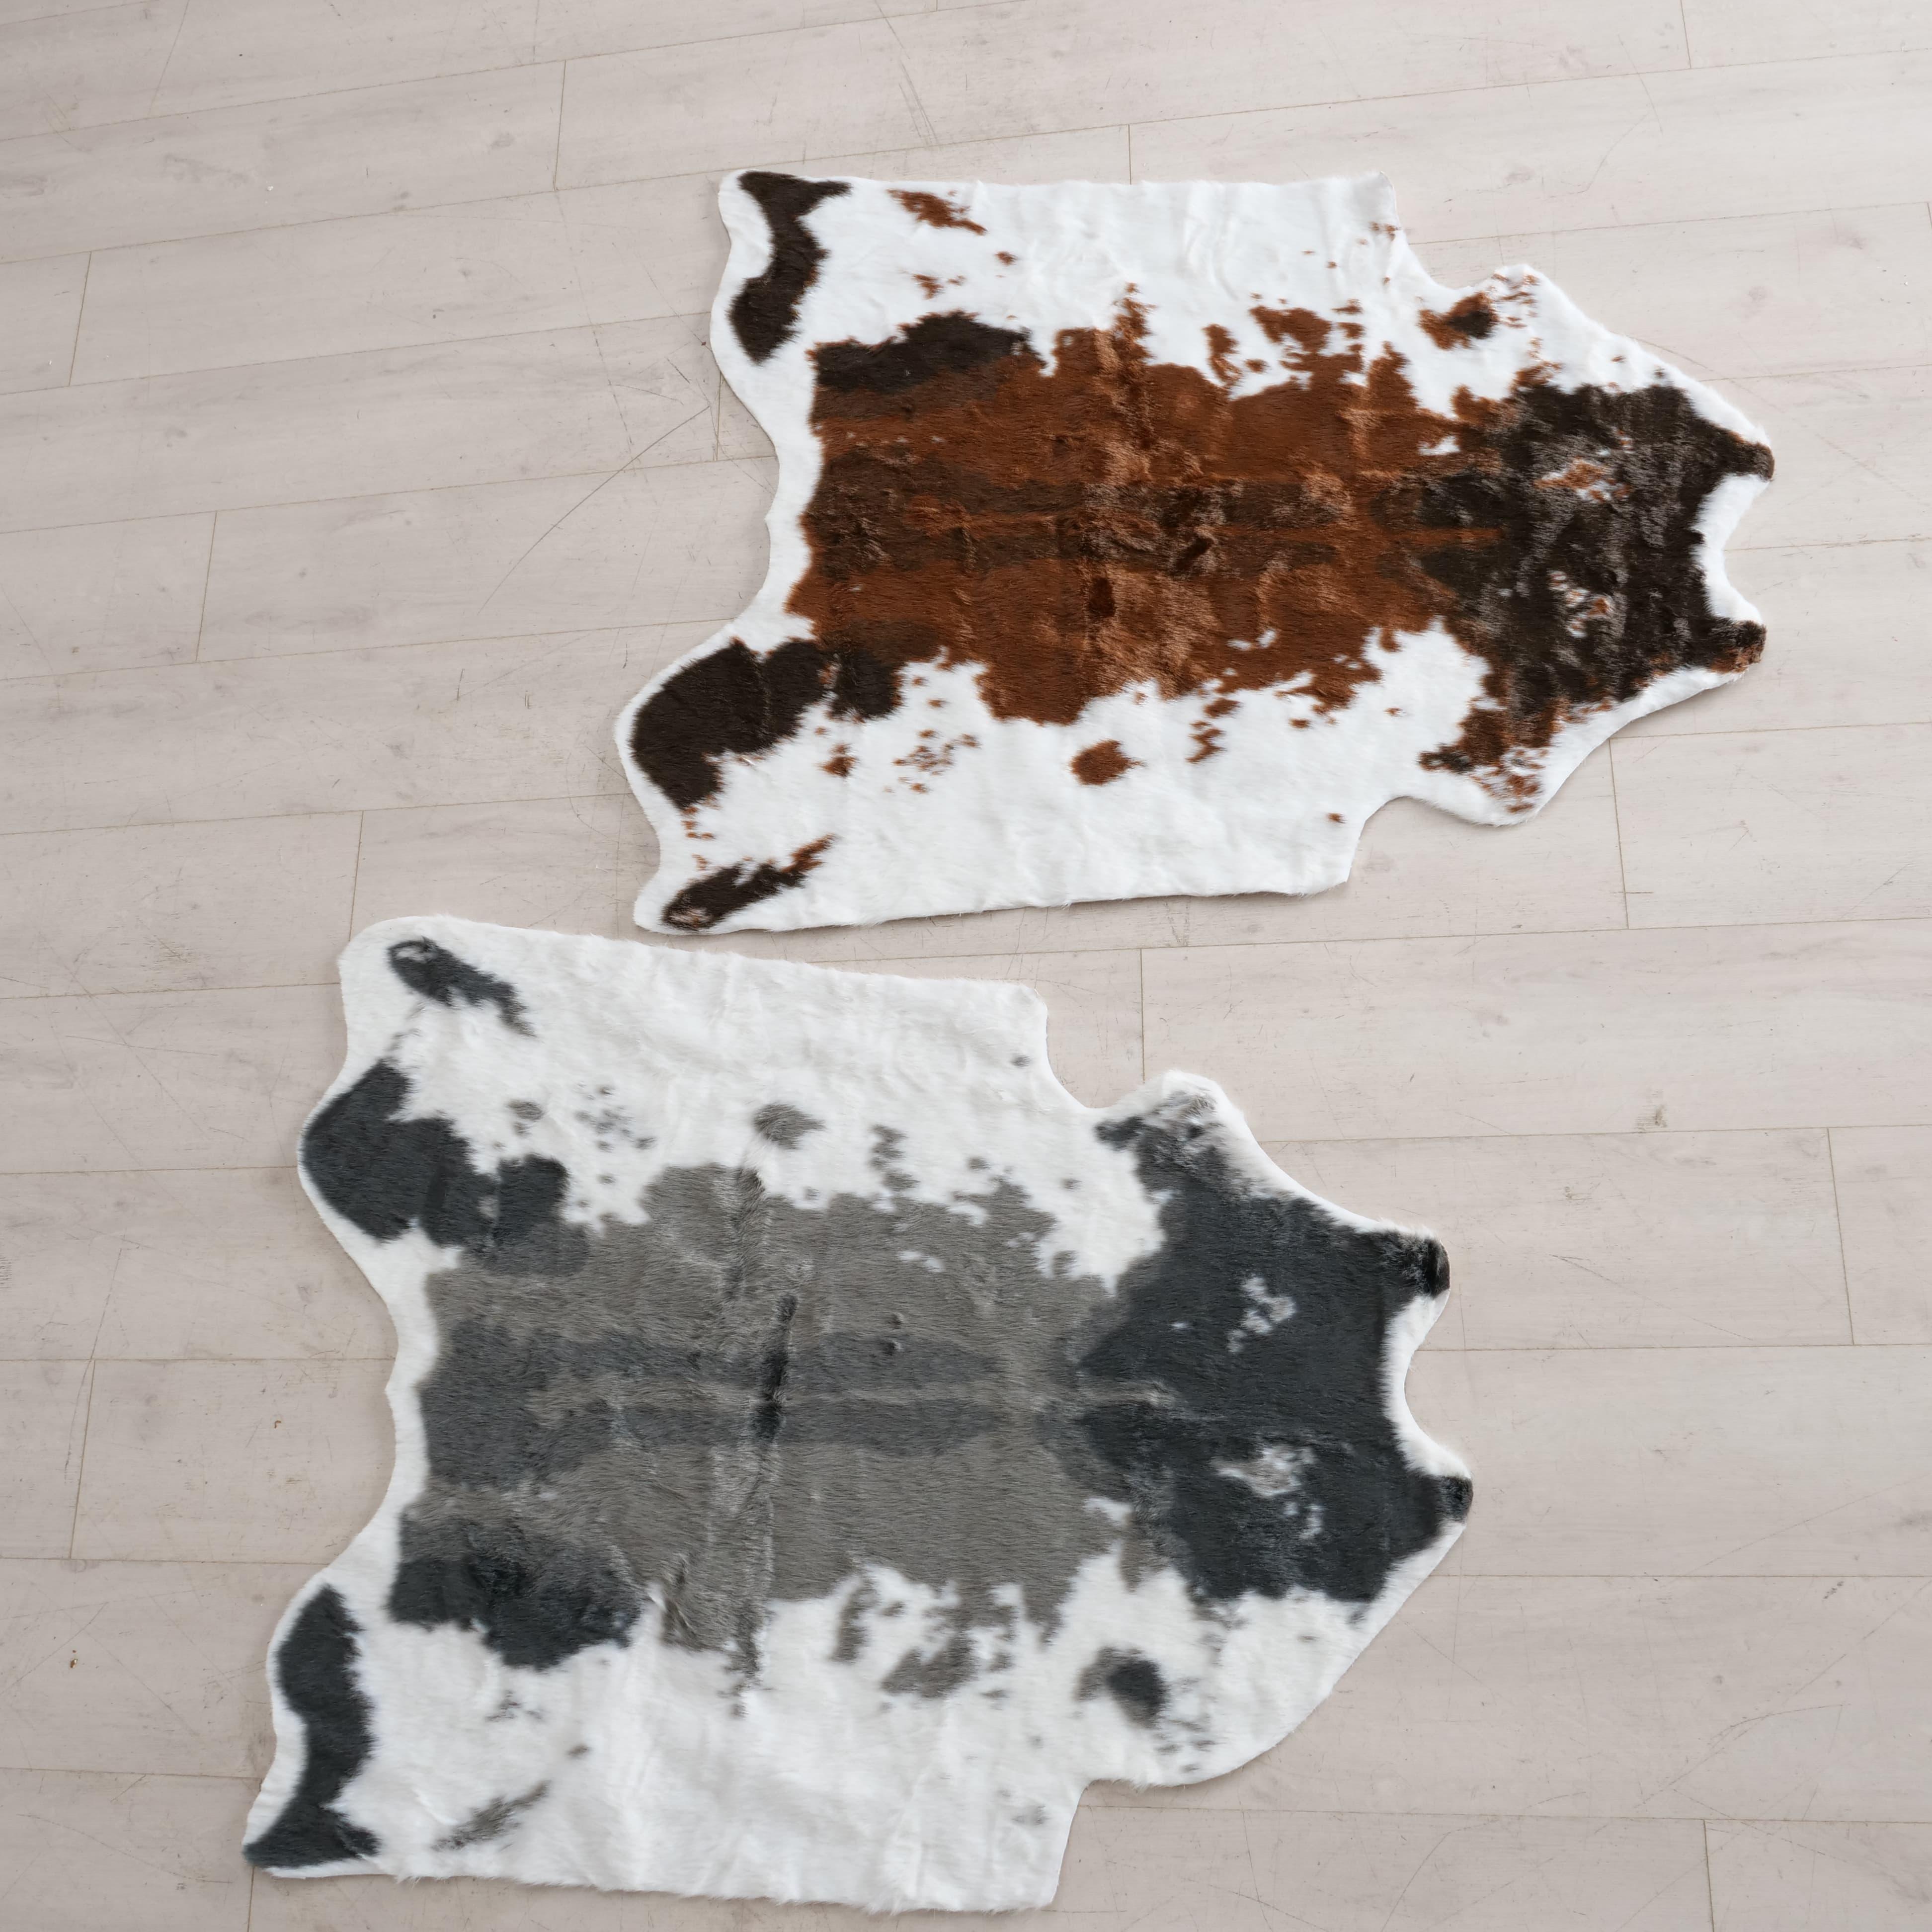 Covor Cow Multicolor, Modele Asortate, 110 x 95 cm poza